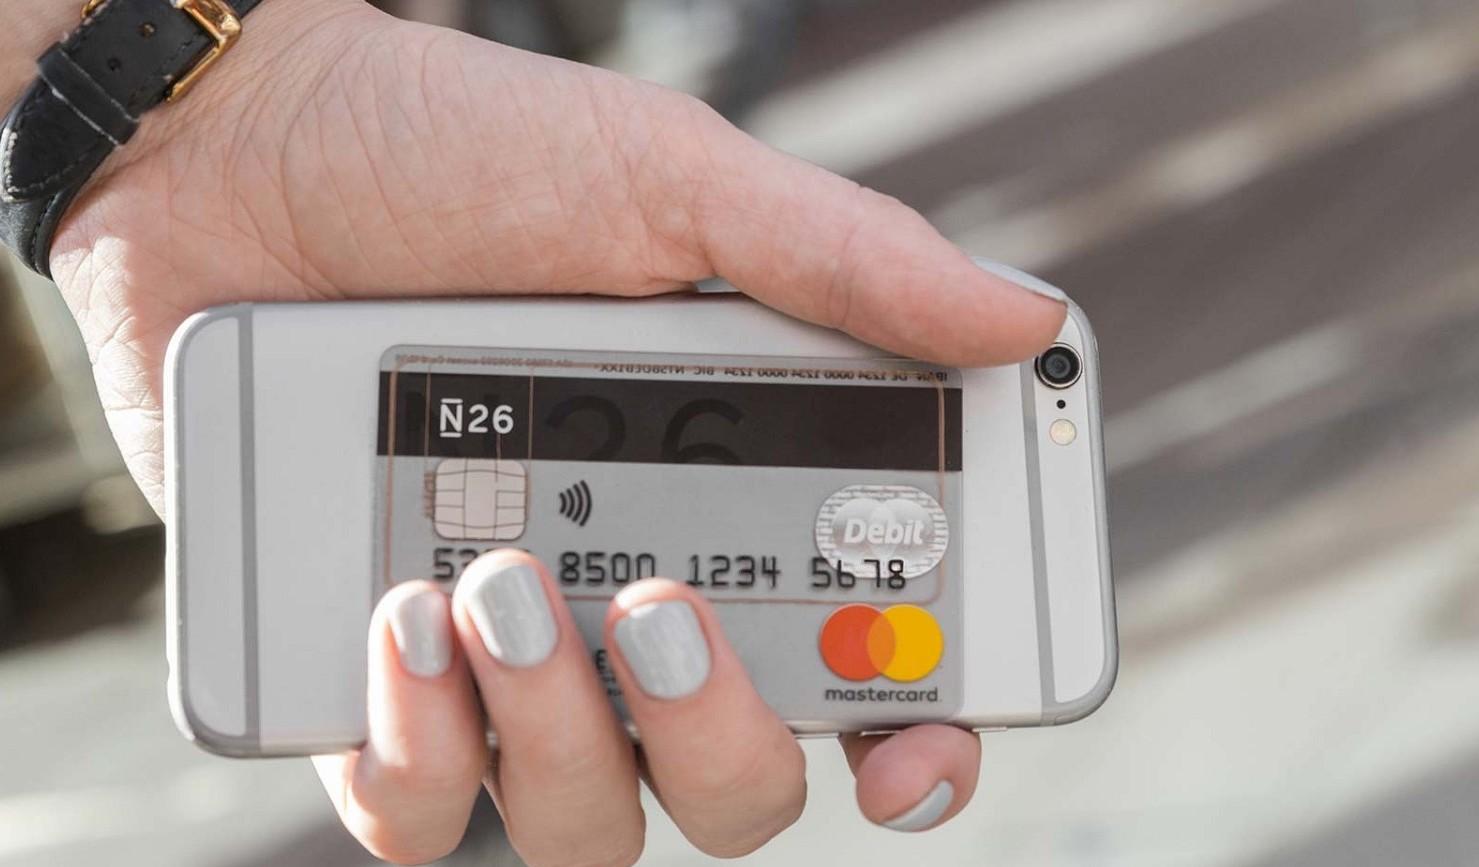 Carta di credito N26 e altre carte con I